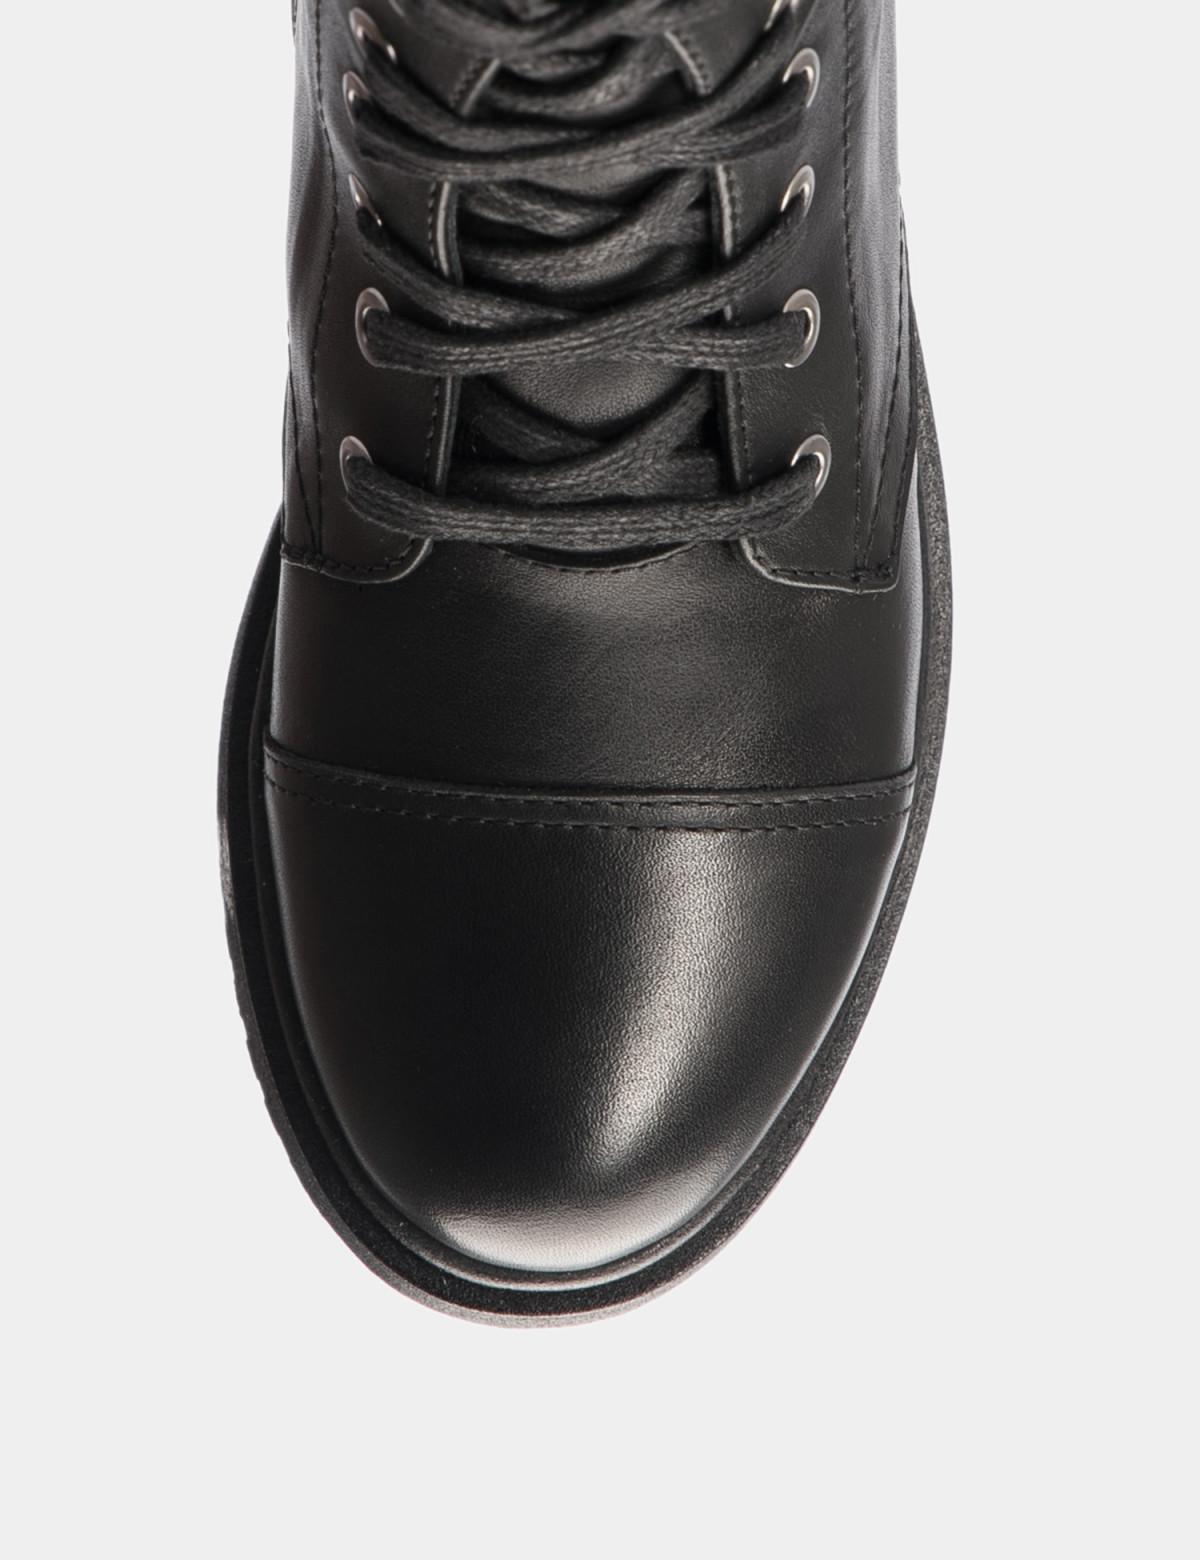 Ботинки черные. Натуральная кожа. Искуственный мех3